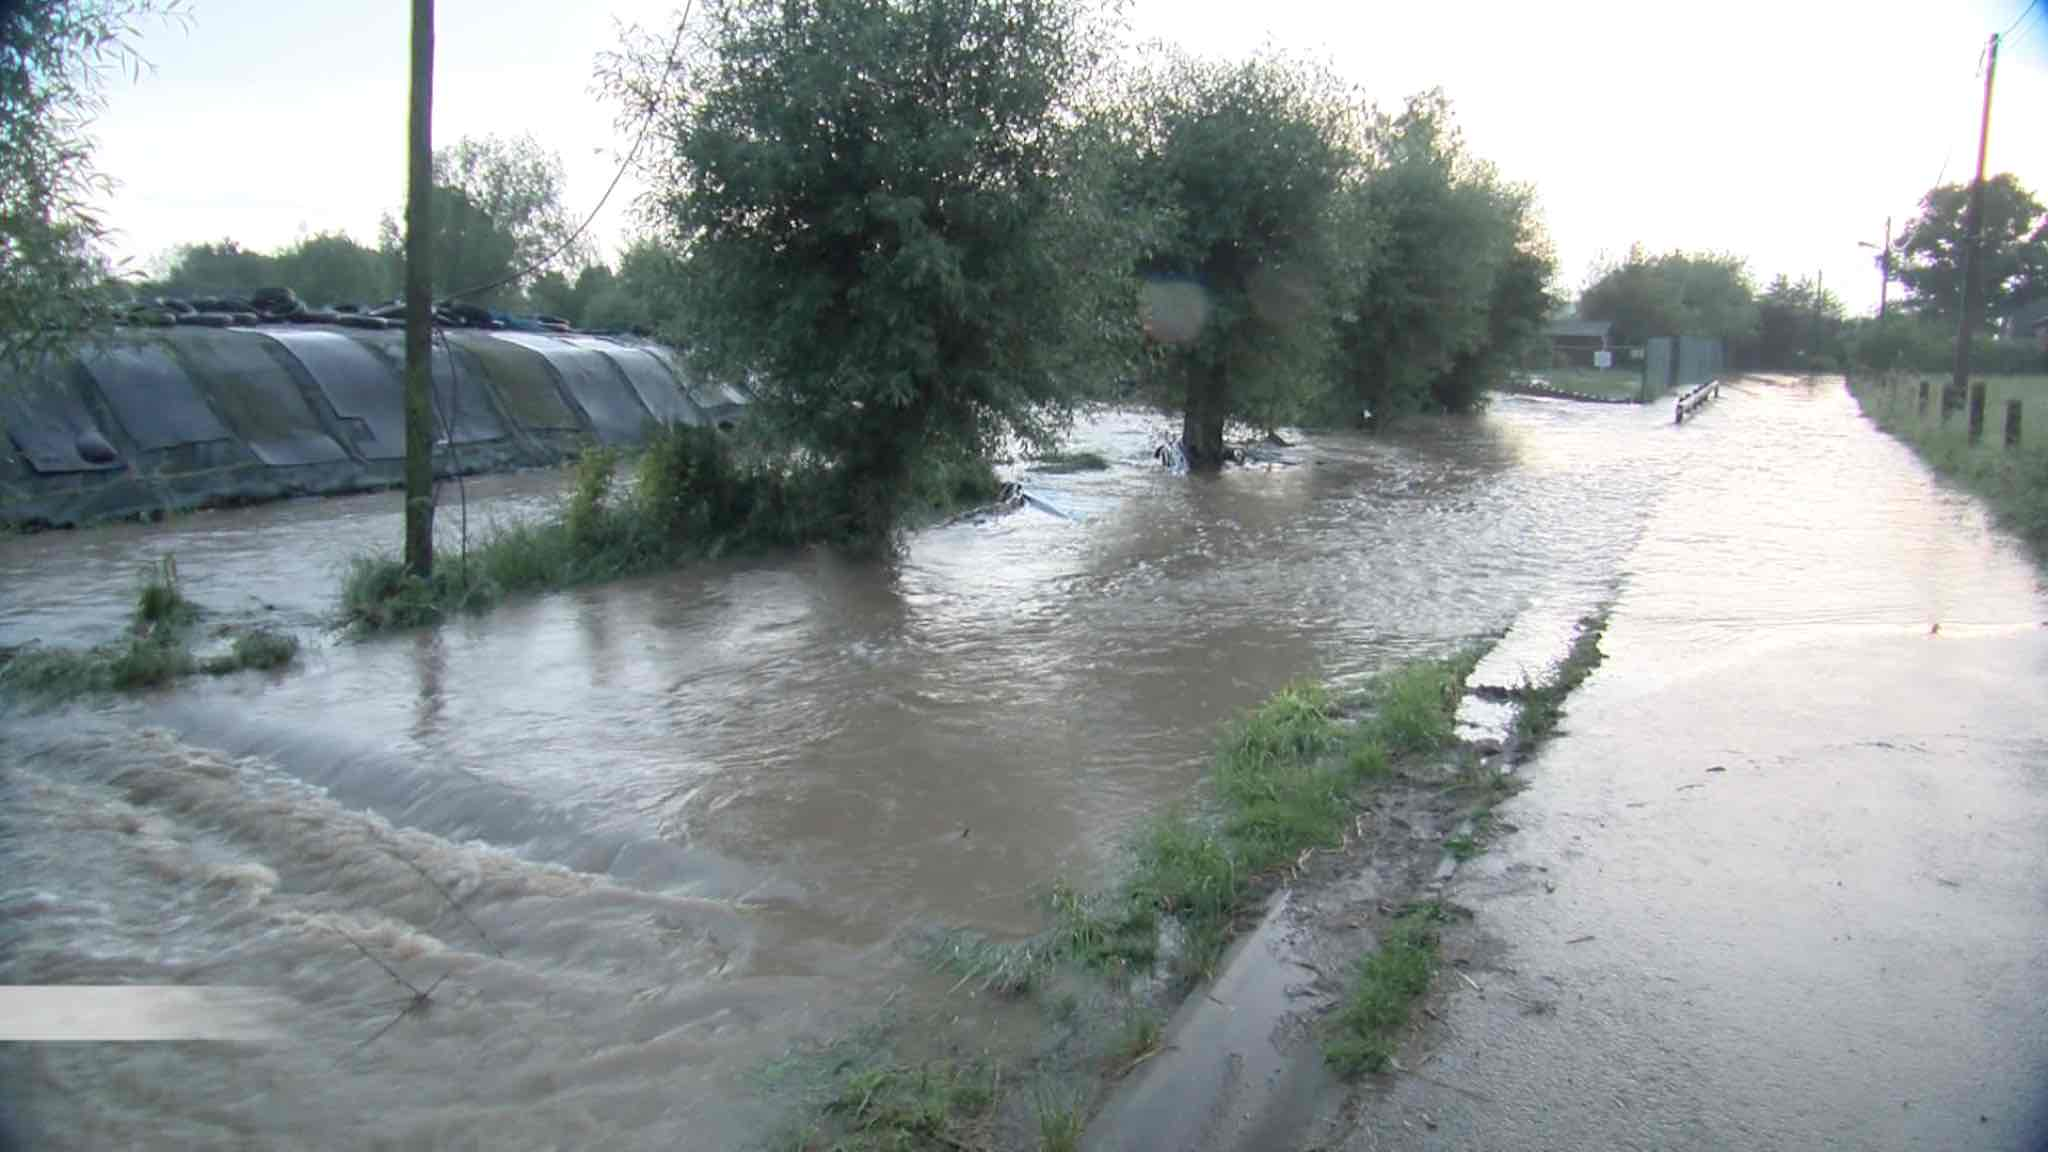 Elnontransfrontalier, un programme interreg V pour lutter contre les inondations